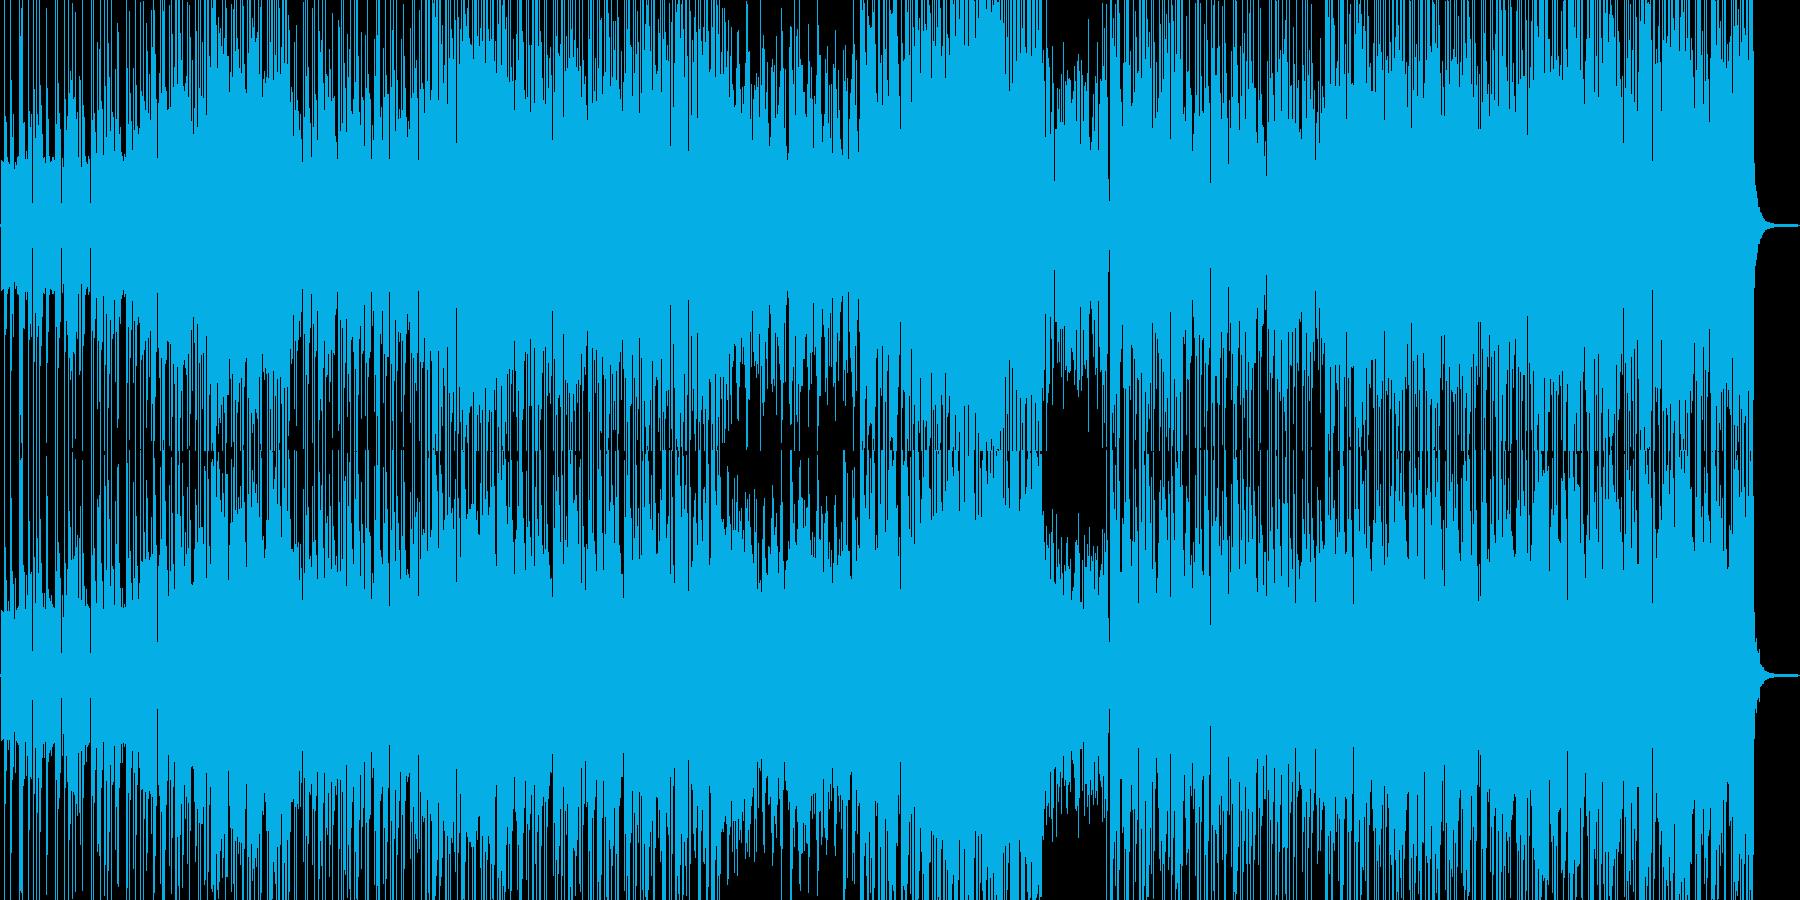 ユニークな民族ダンストラックの再生済みの波形